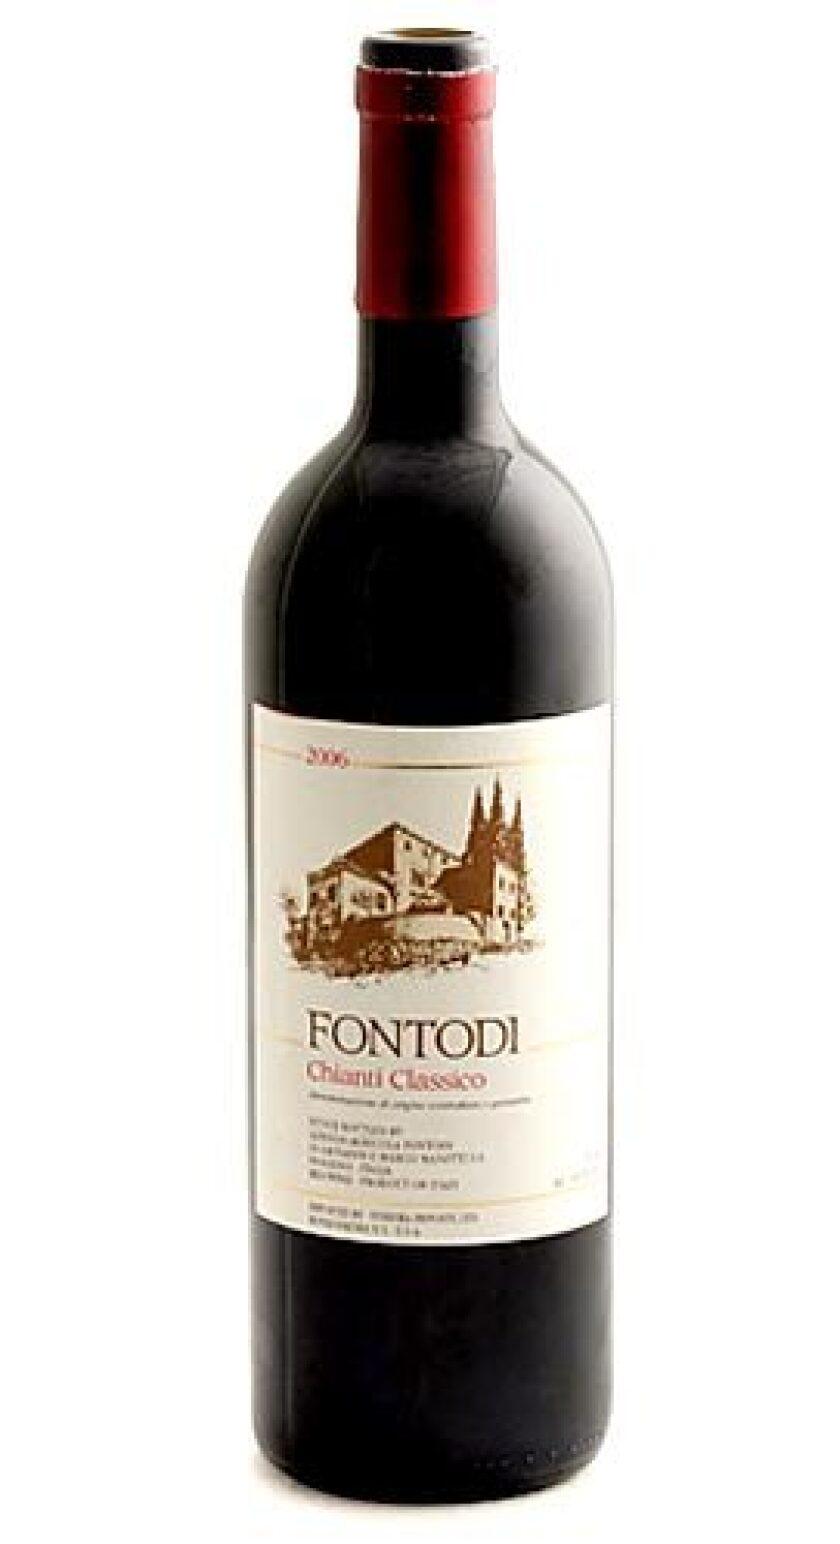 2006 Fontodi Chianti Classico